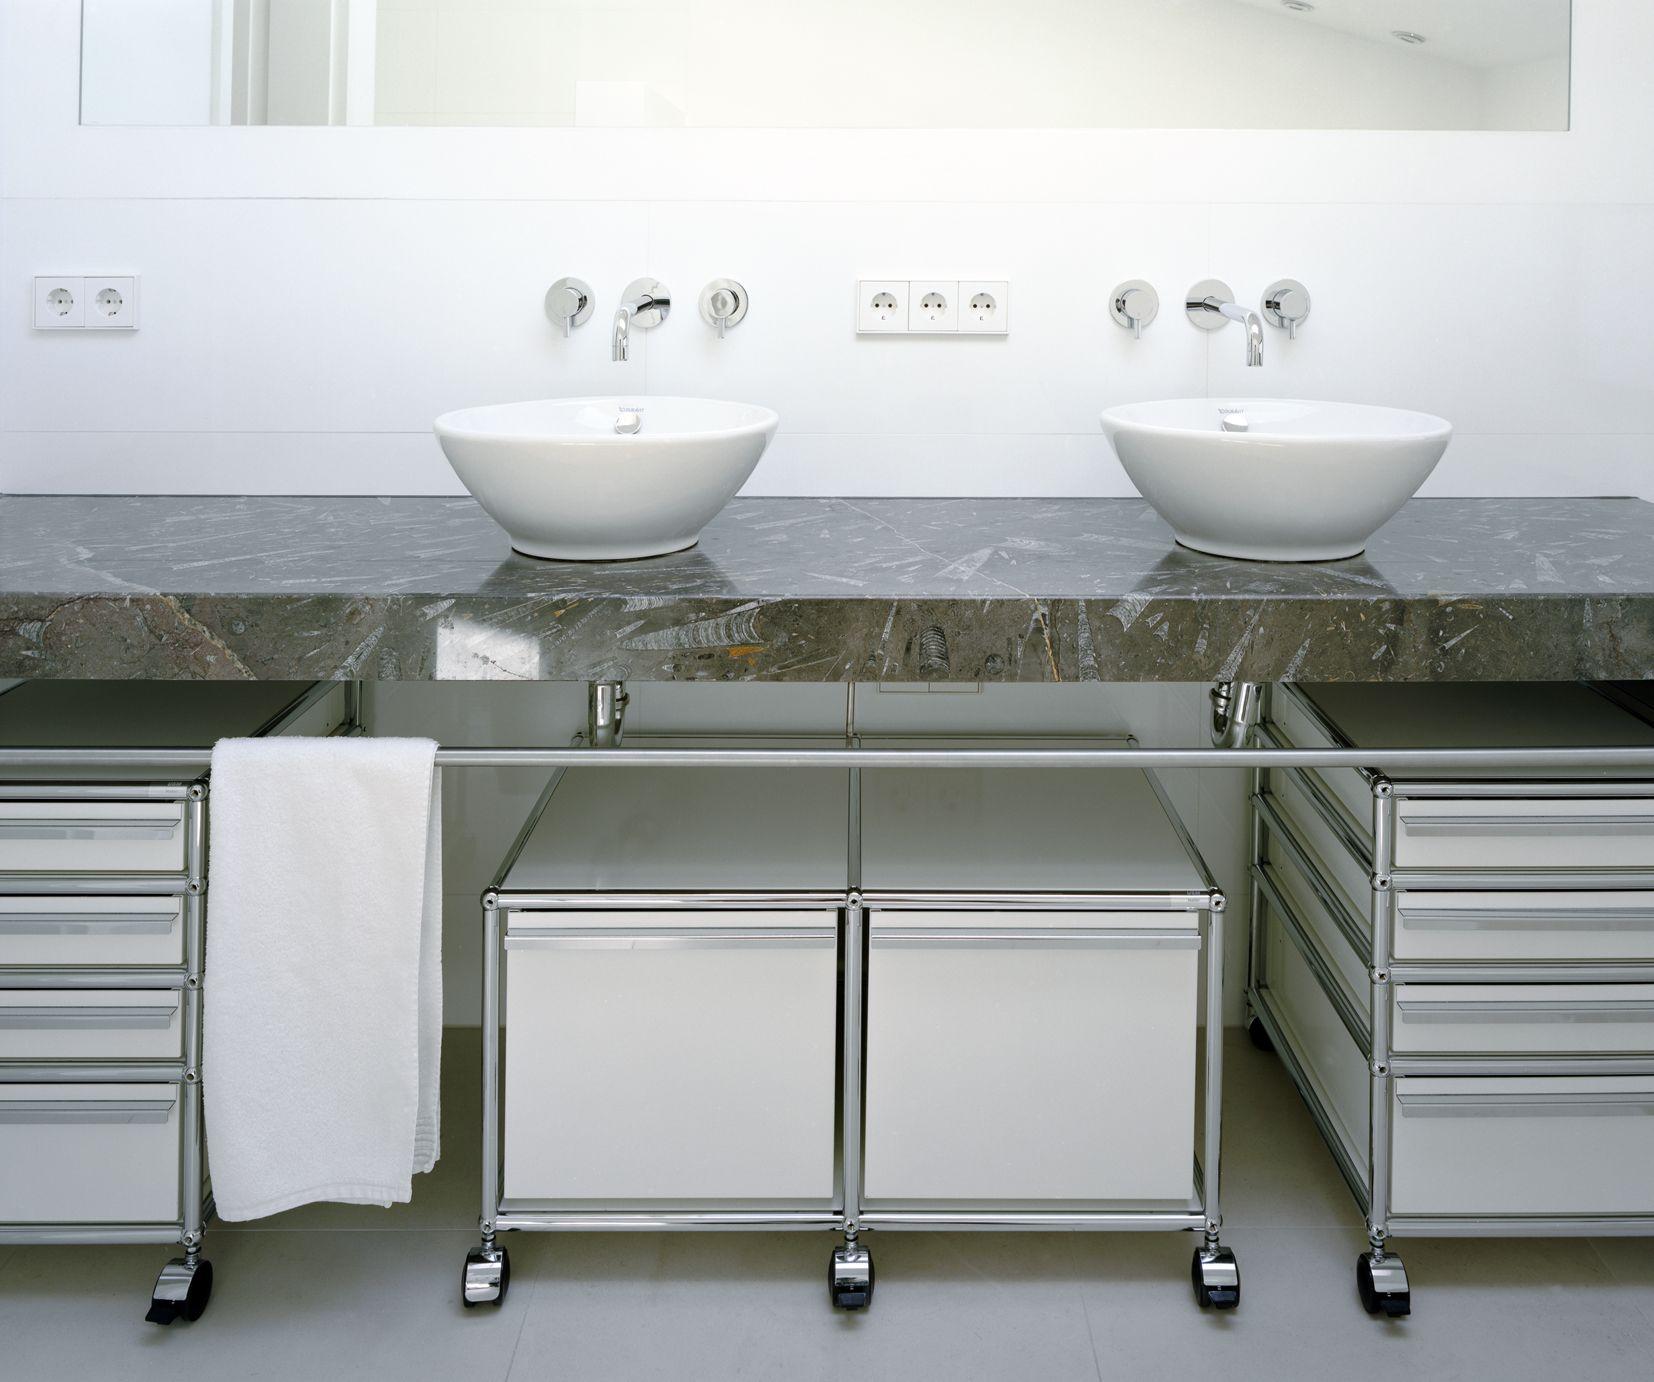 Meubles de rangement usm haller pour salle de bain for Meuble pour salle de bain